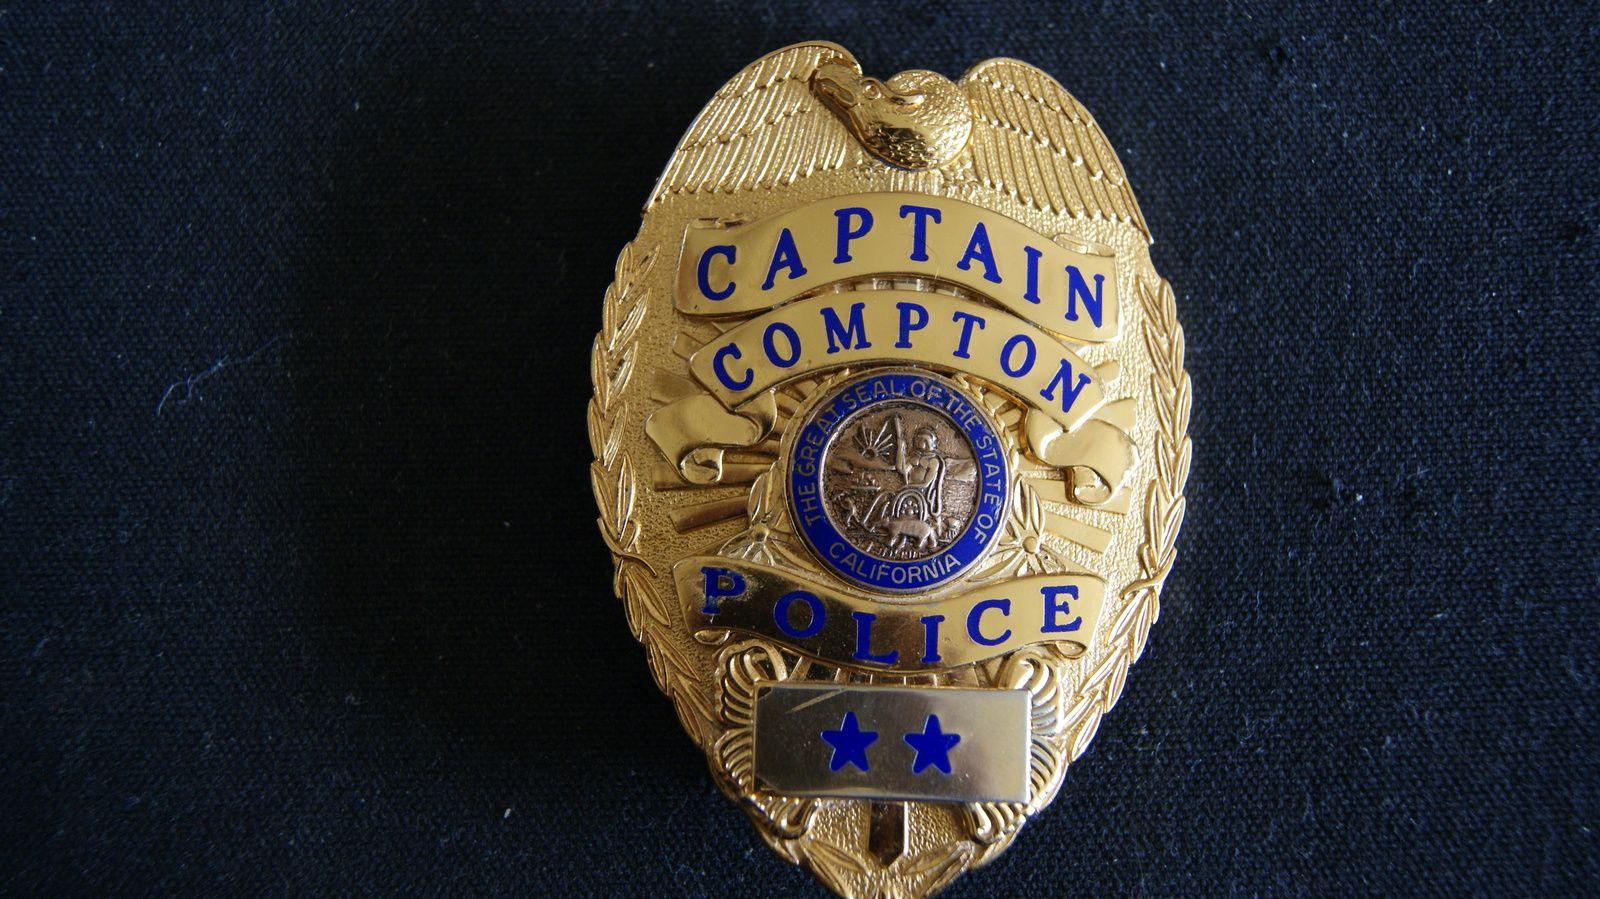 Police cap badges ga rel hat badges page 1 garel - Compton California Defunct Agency Compton Police Captain Police Badge Obsolete